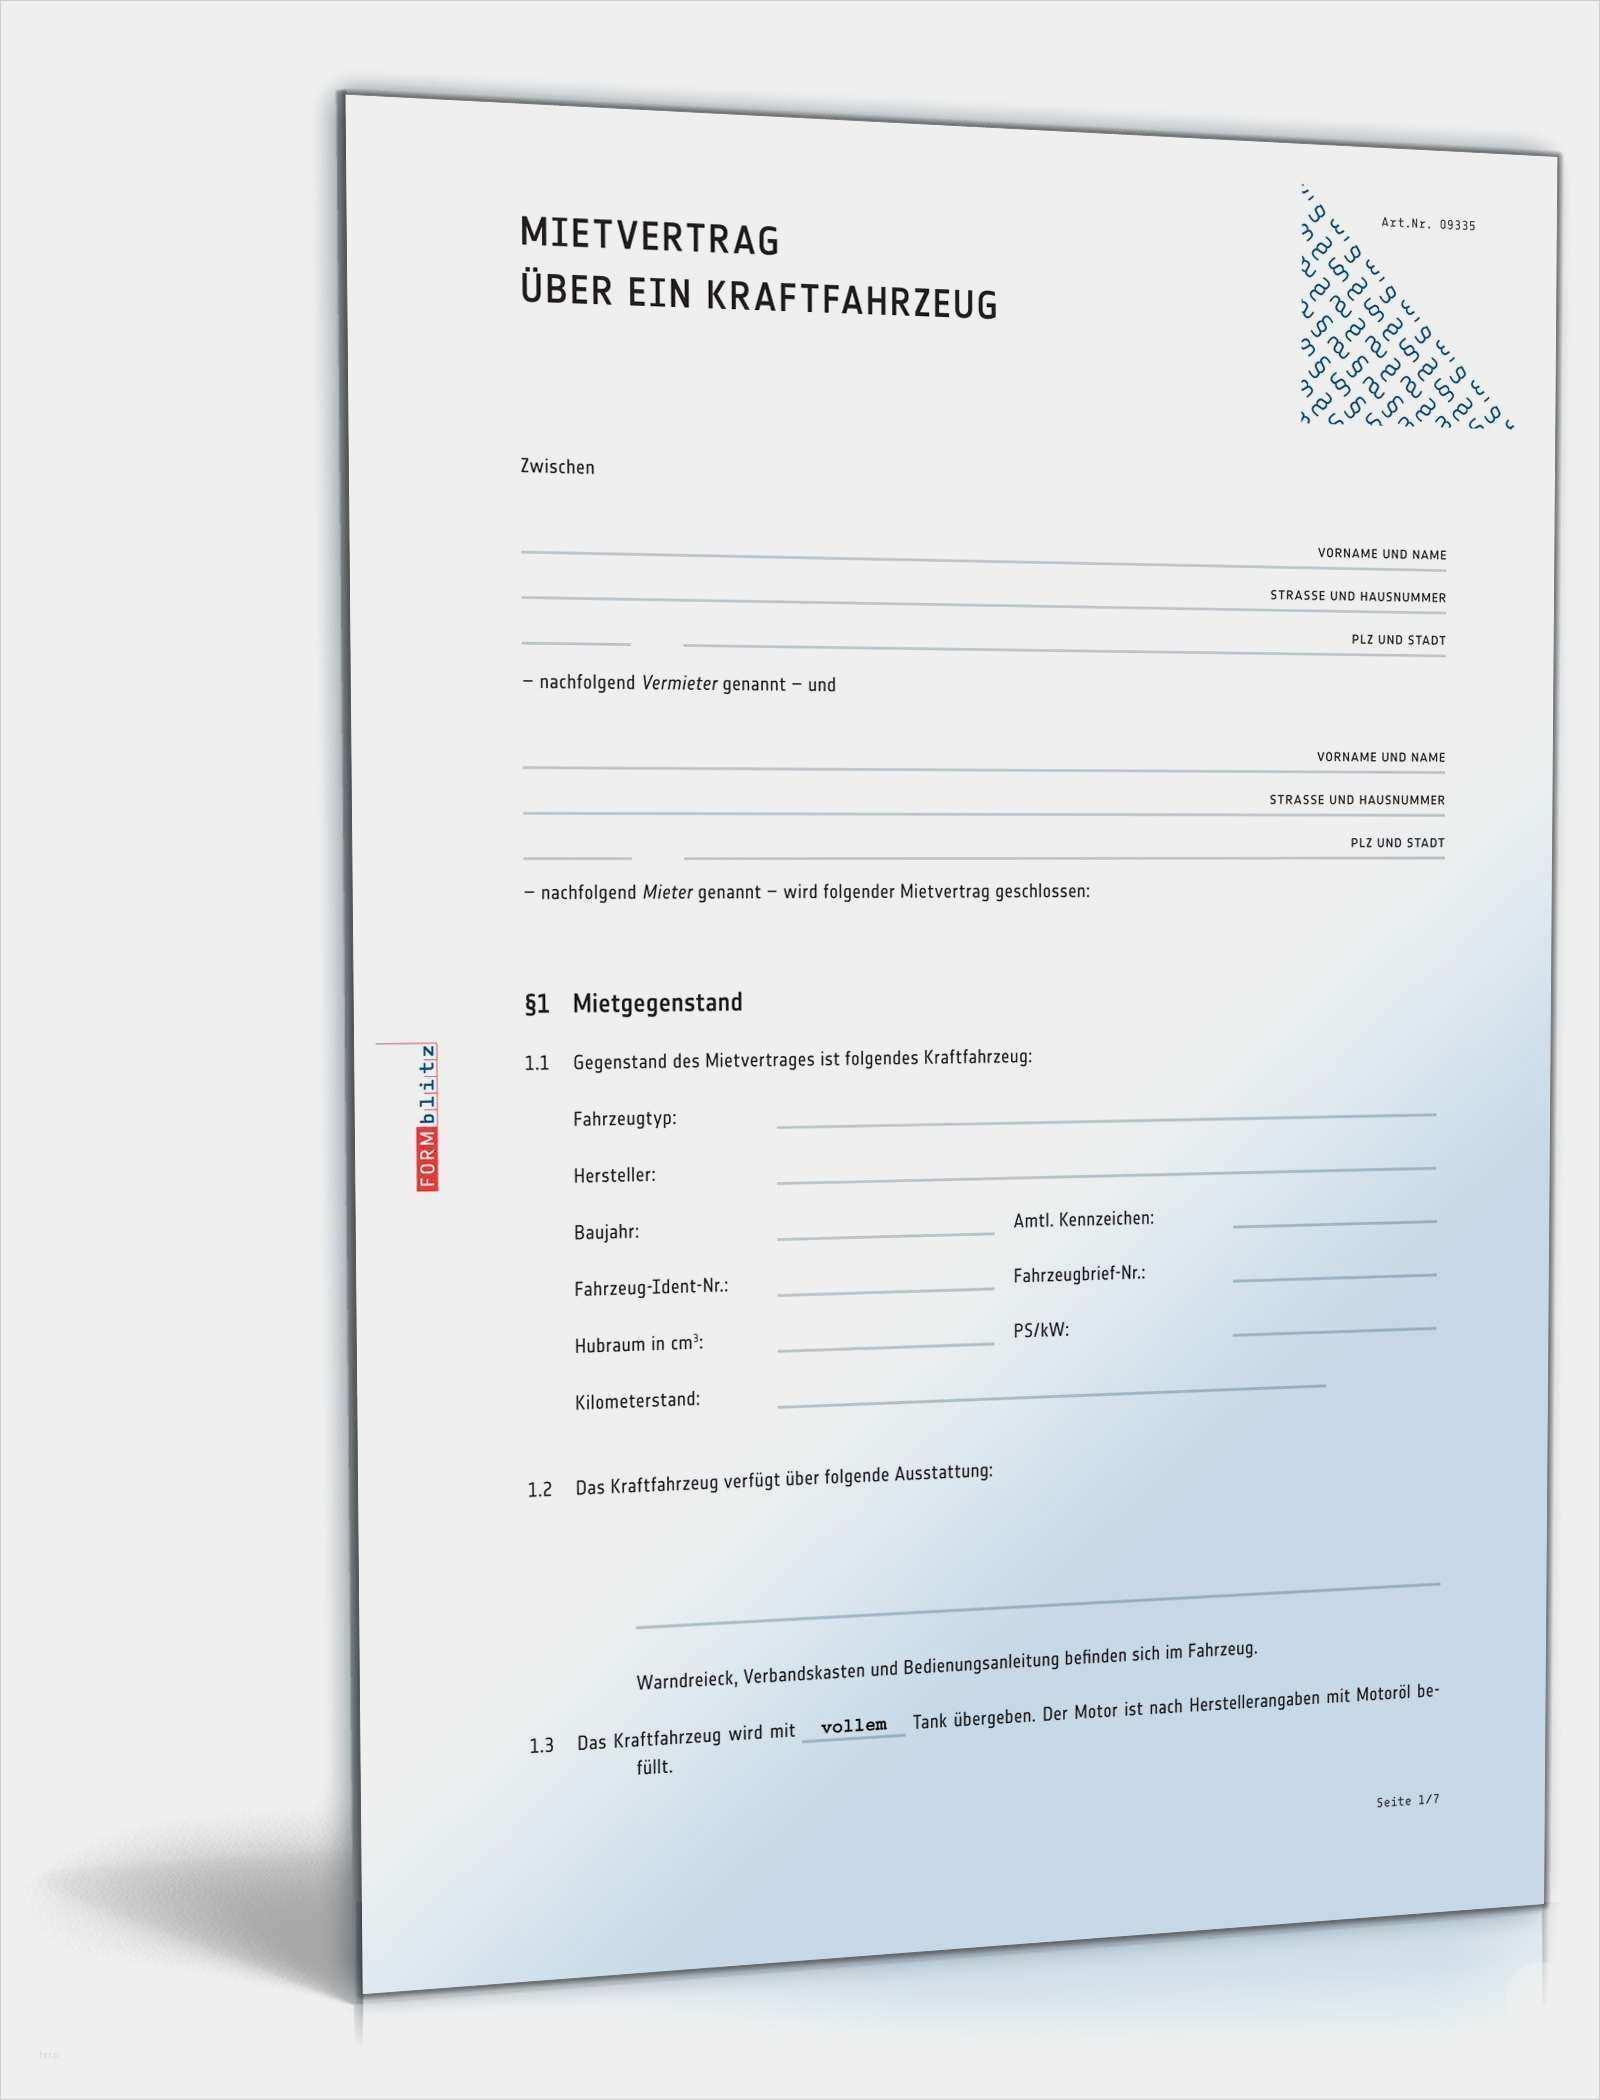 37 Schon Mietvertrag Wg Vorlage Kostenlos Abbildung In 2020 Vorlagen Word Kaufvertrag Vorlage Vorlagen Lebenslauf